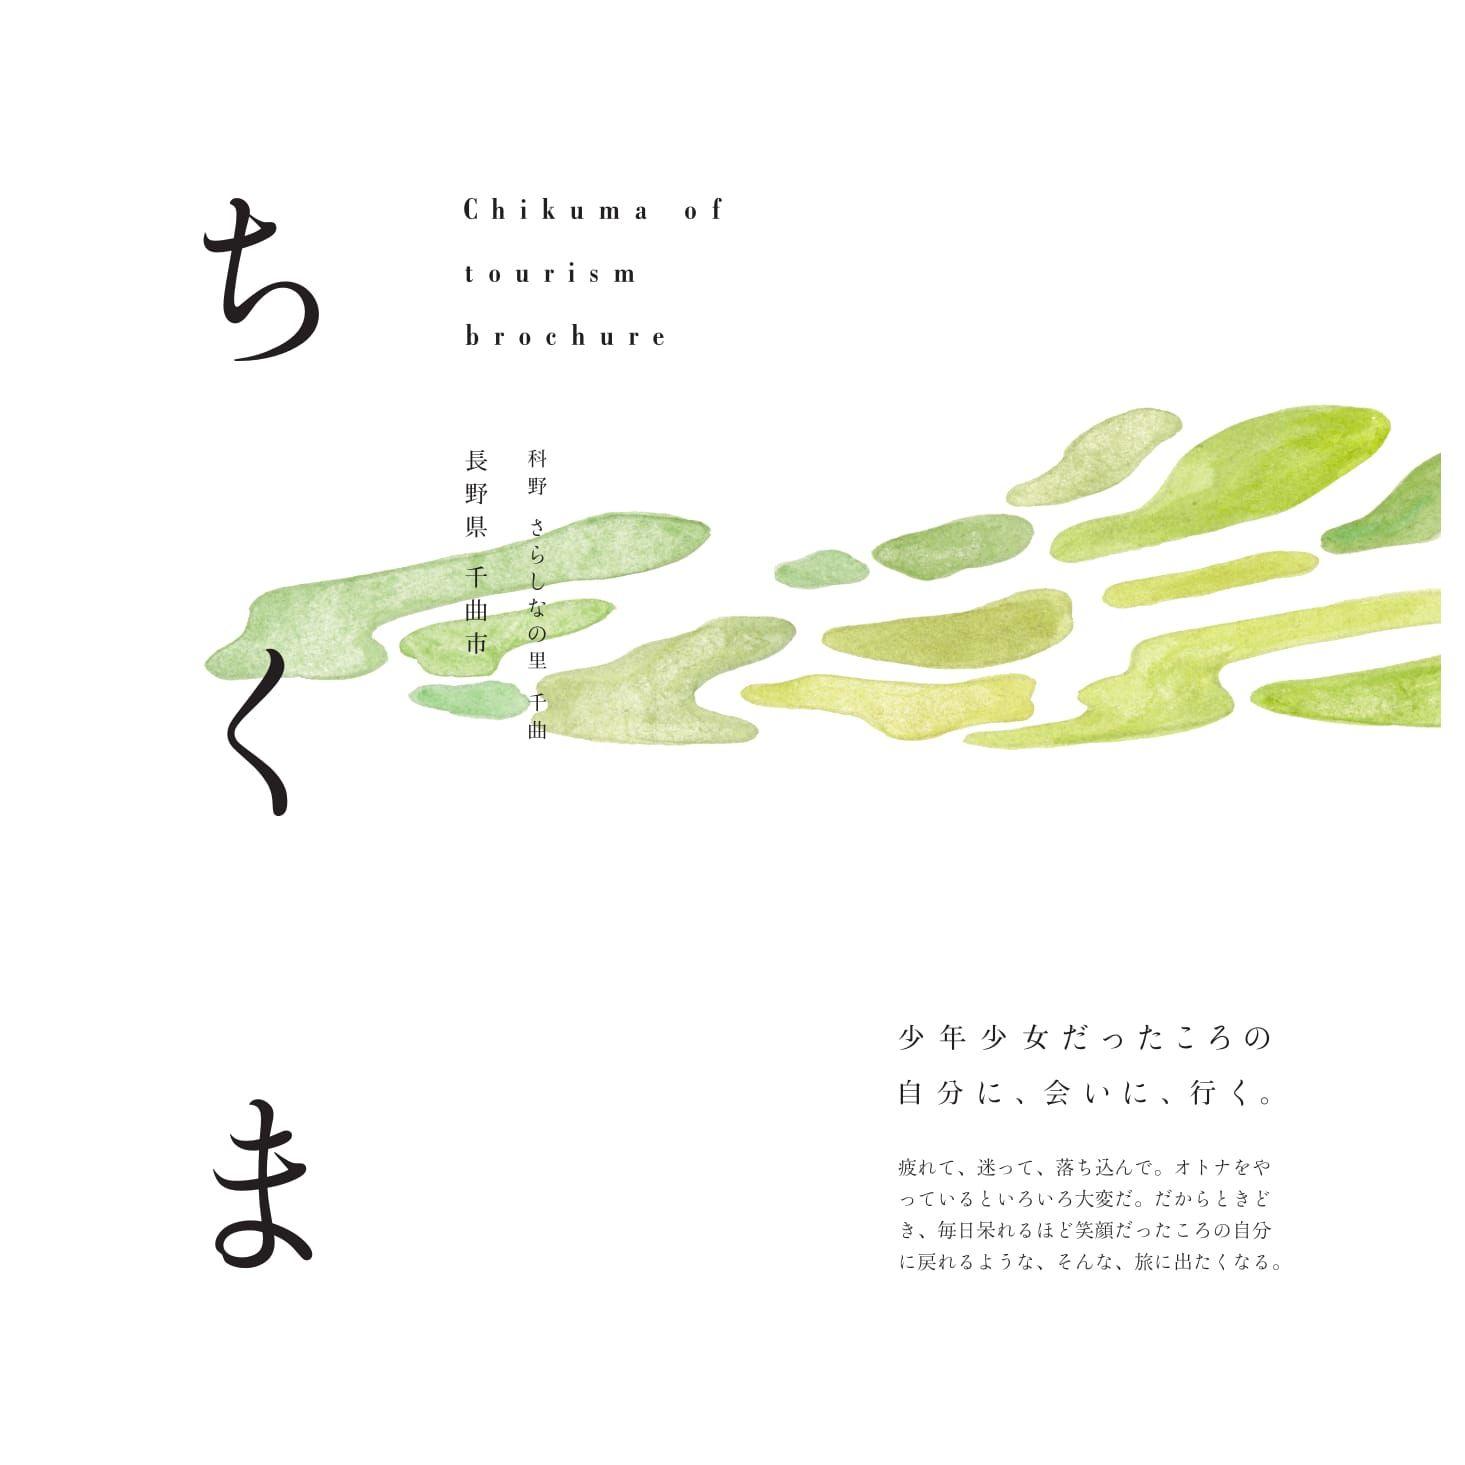 長野県千曲市観光パンフレット制作